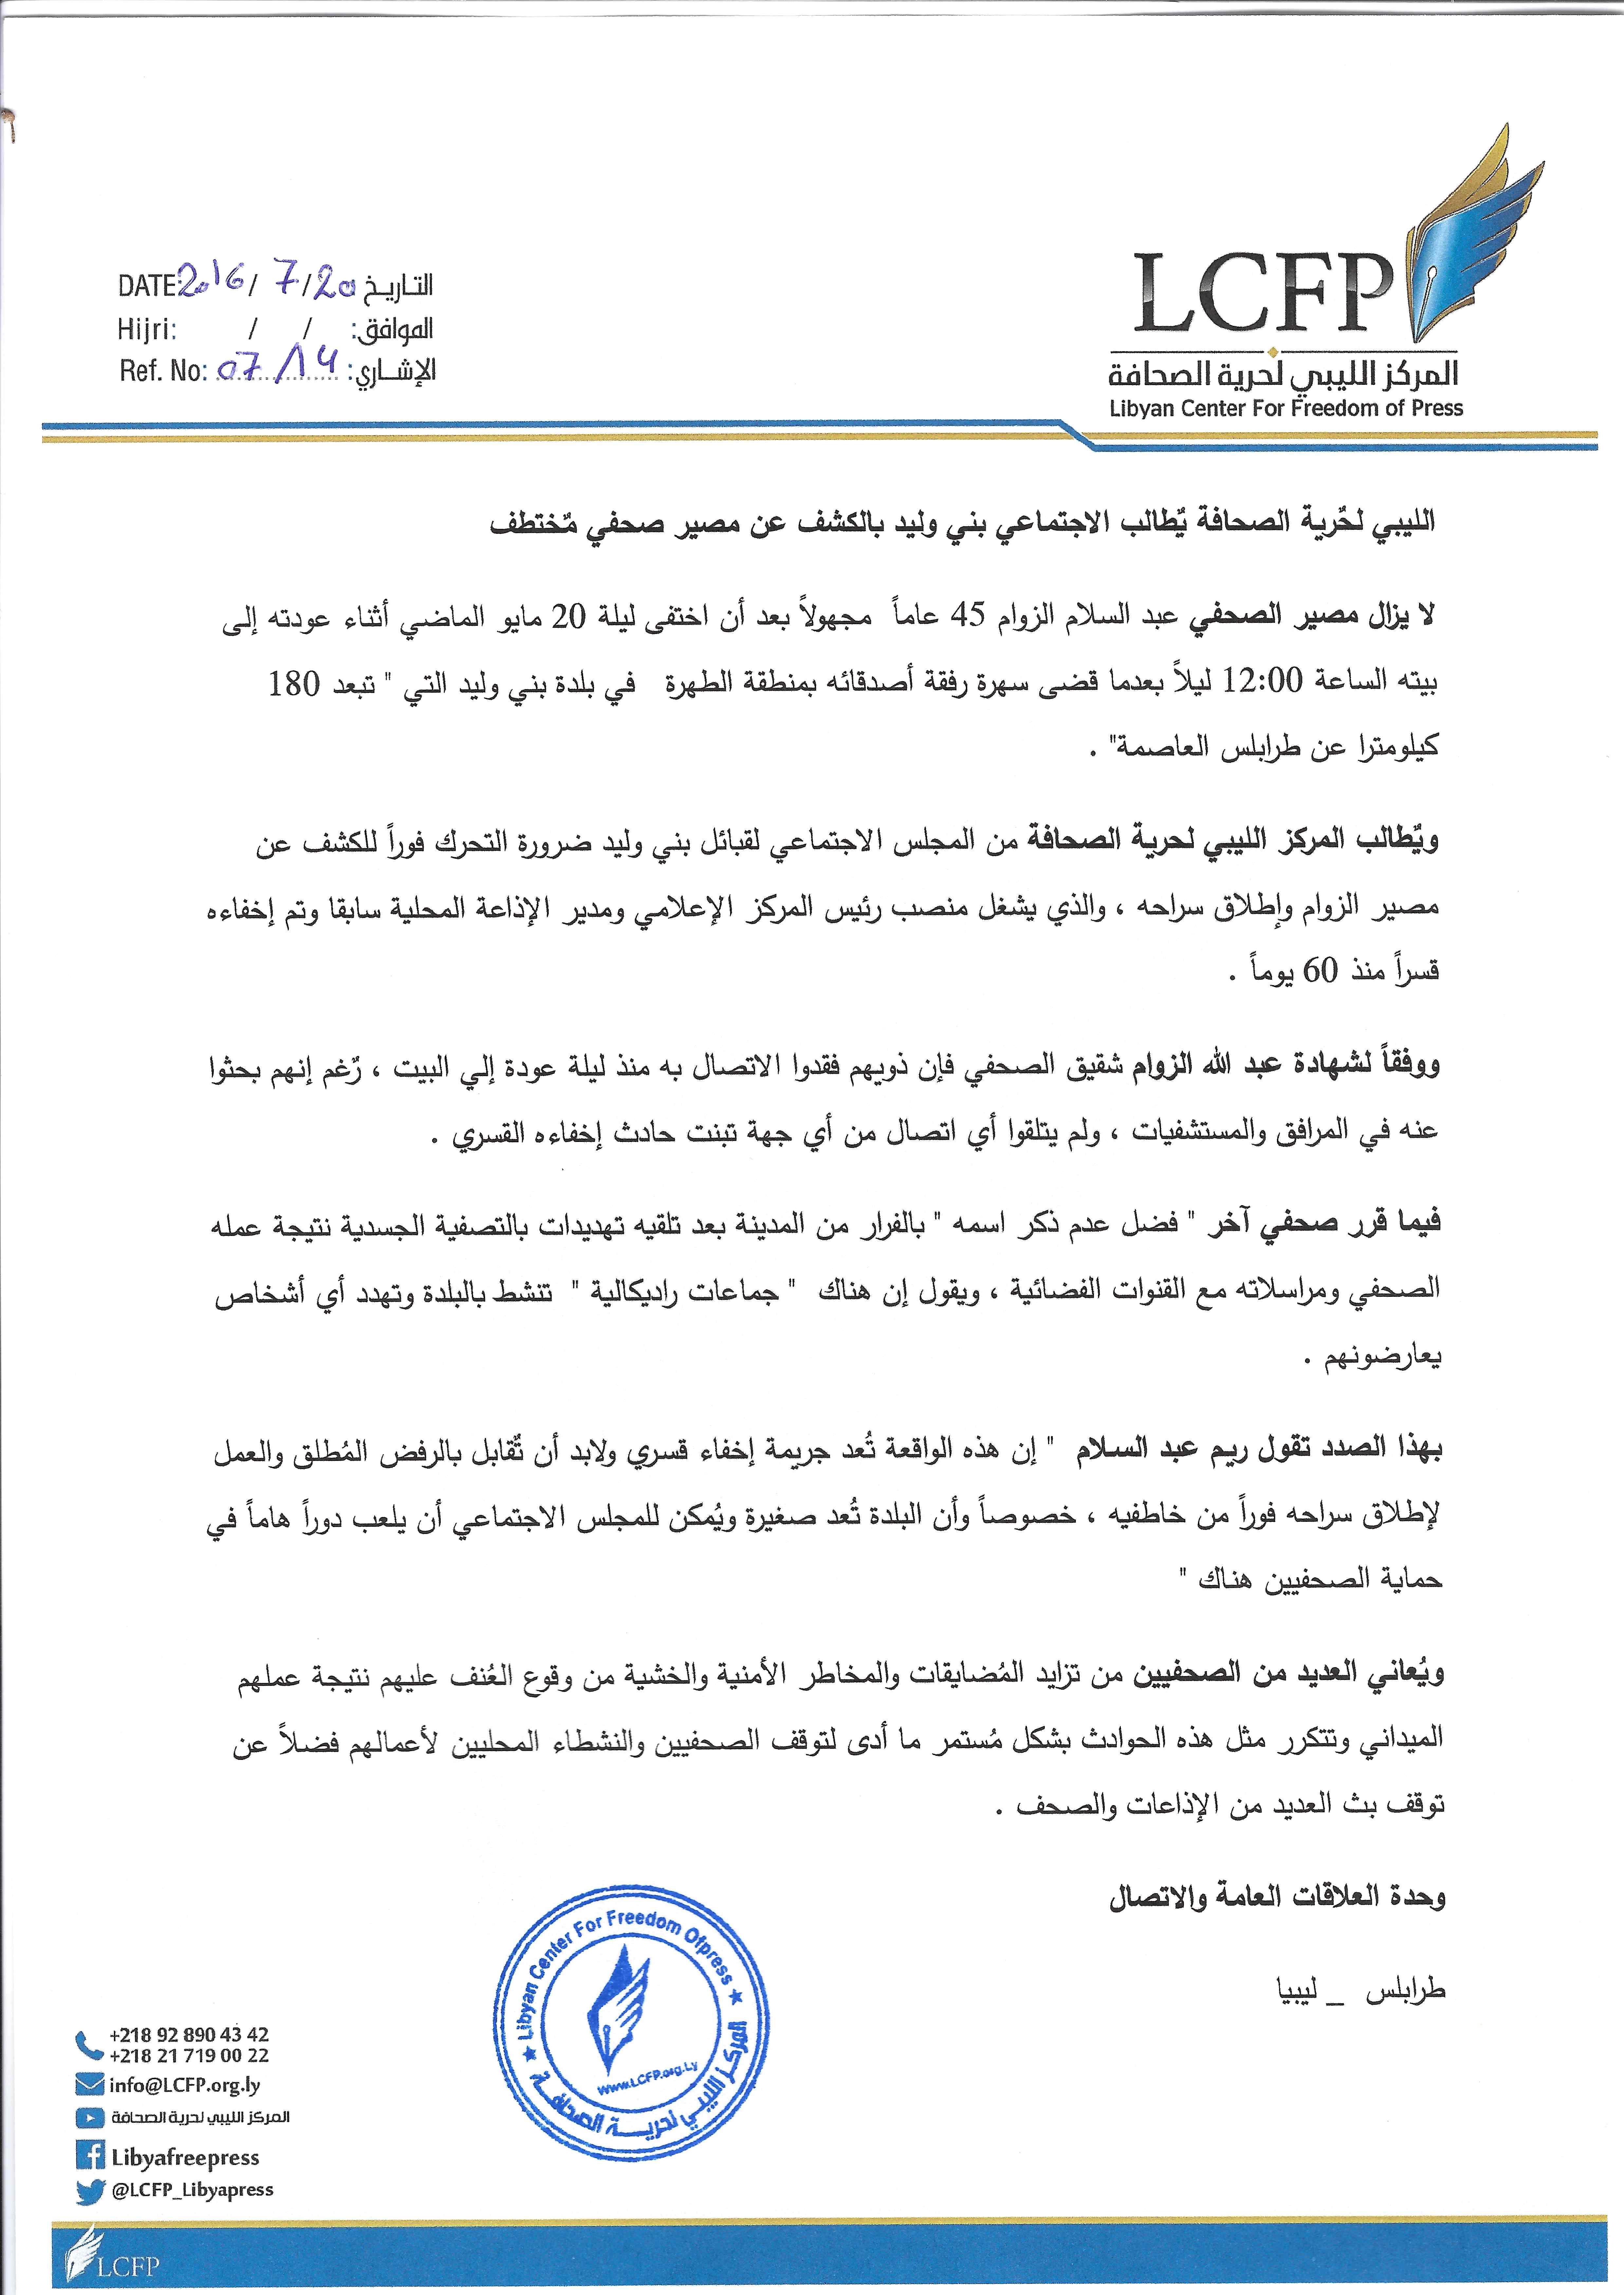 الليبي لحٌرية الصحافة يٌطالب الاجتماعي بني وليد بالكشف عن مصير صحفي مٌختطف